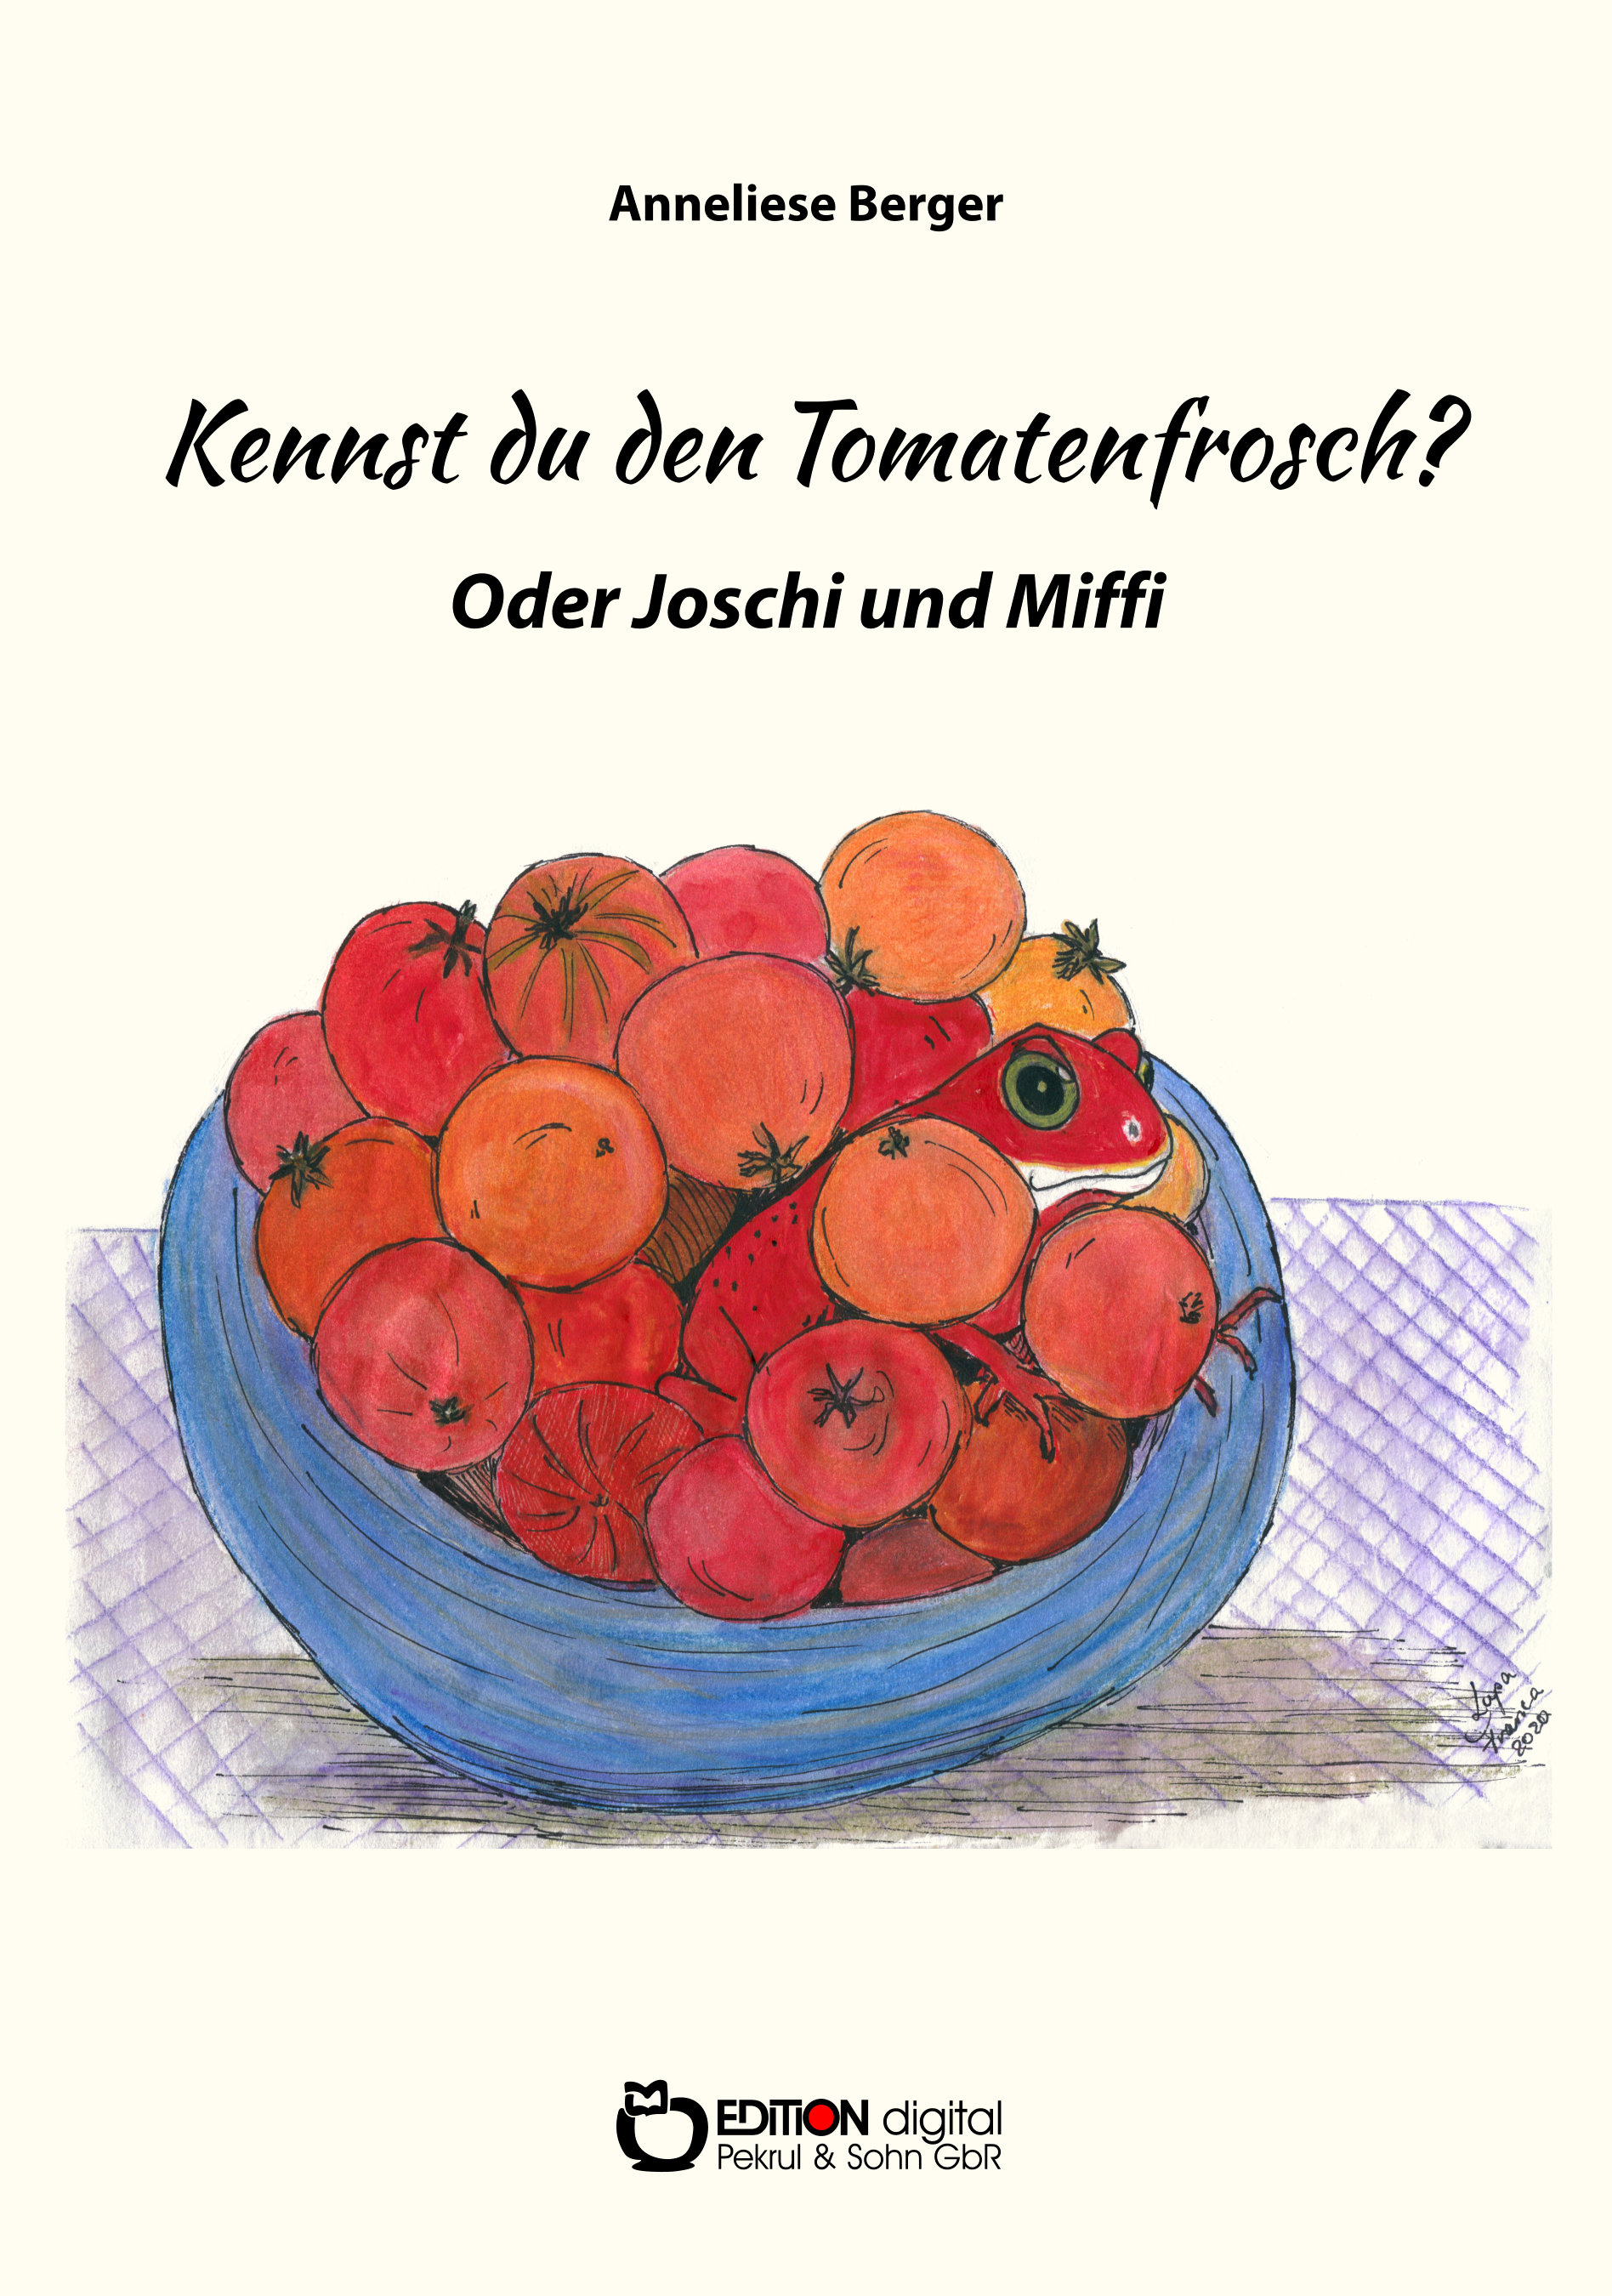 Kennst du den Tomatenfrosch? Oder Joschi und Miffi von Anneliese Berger